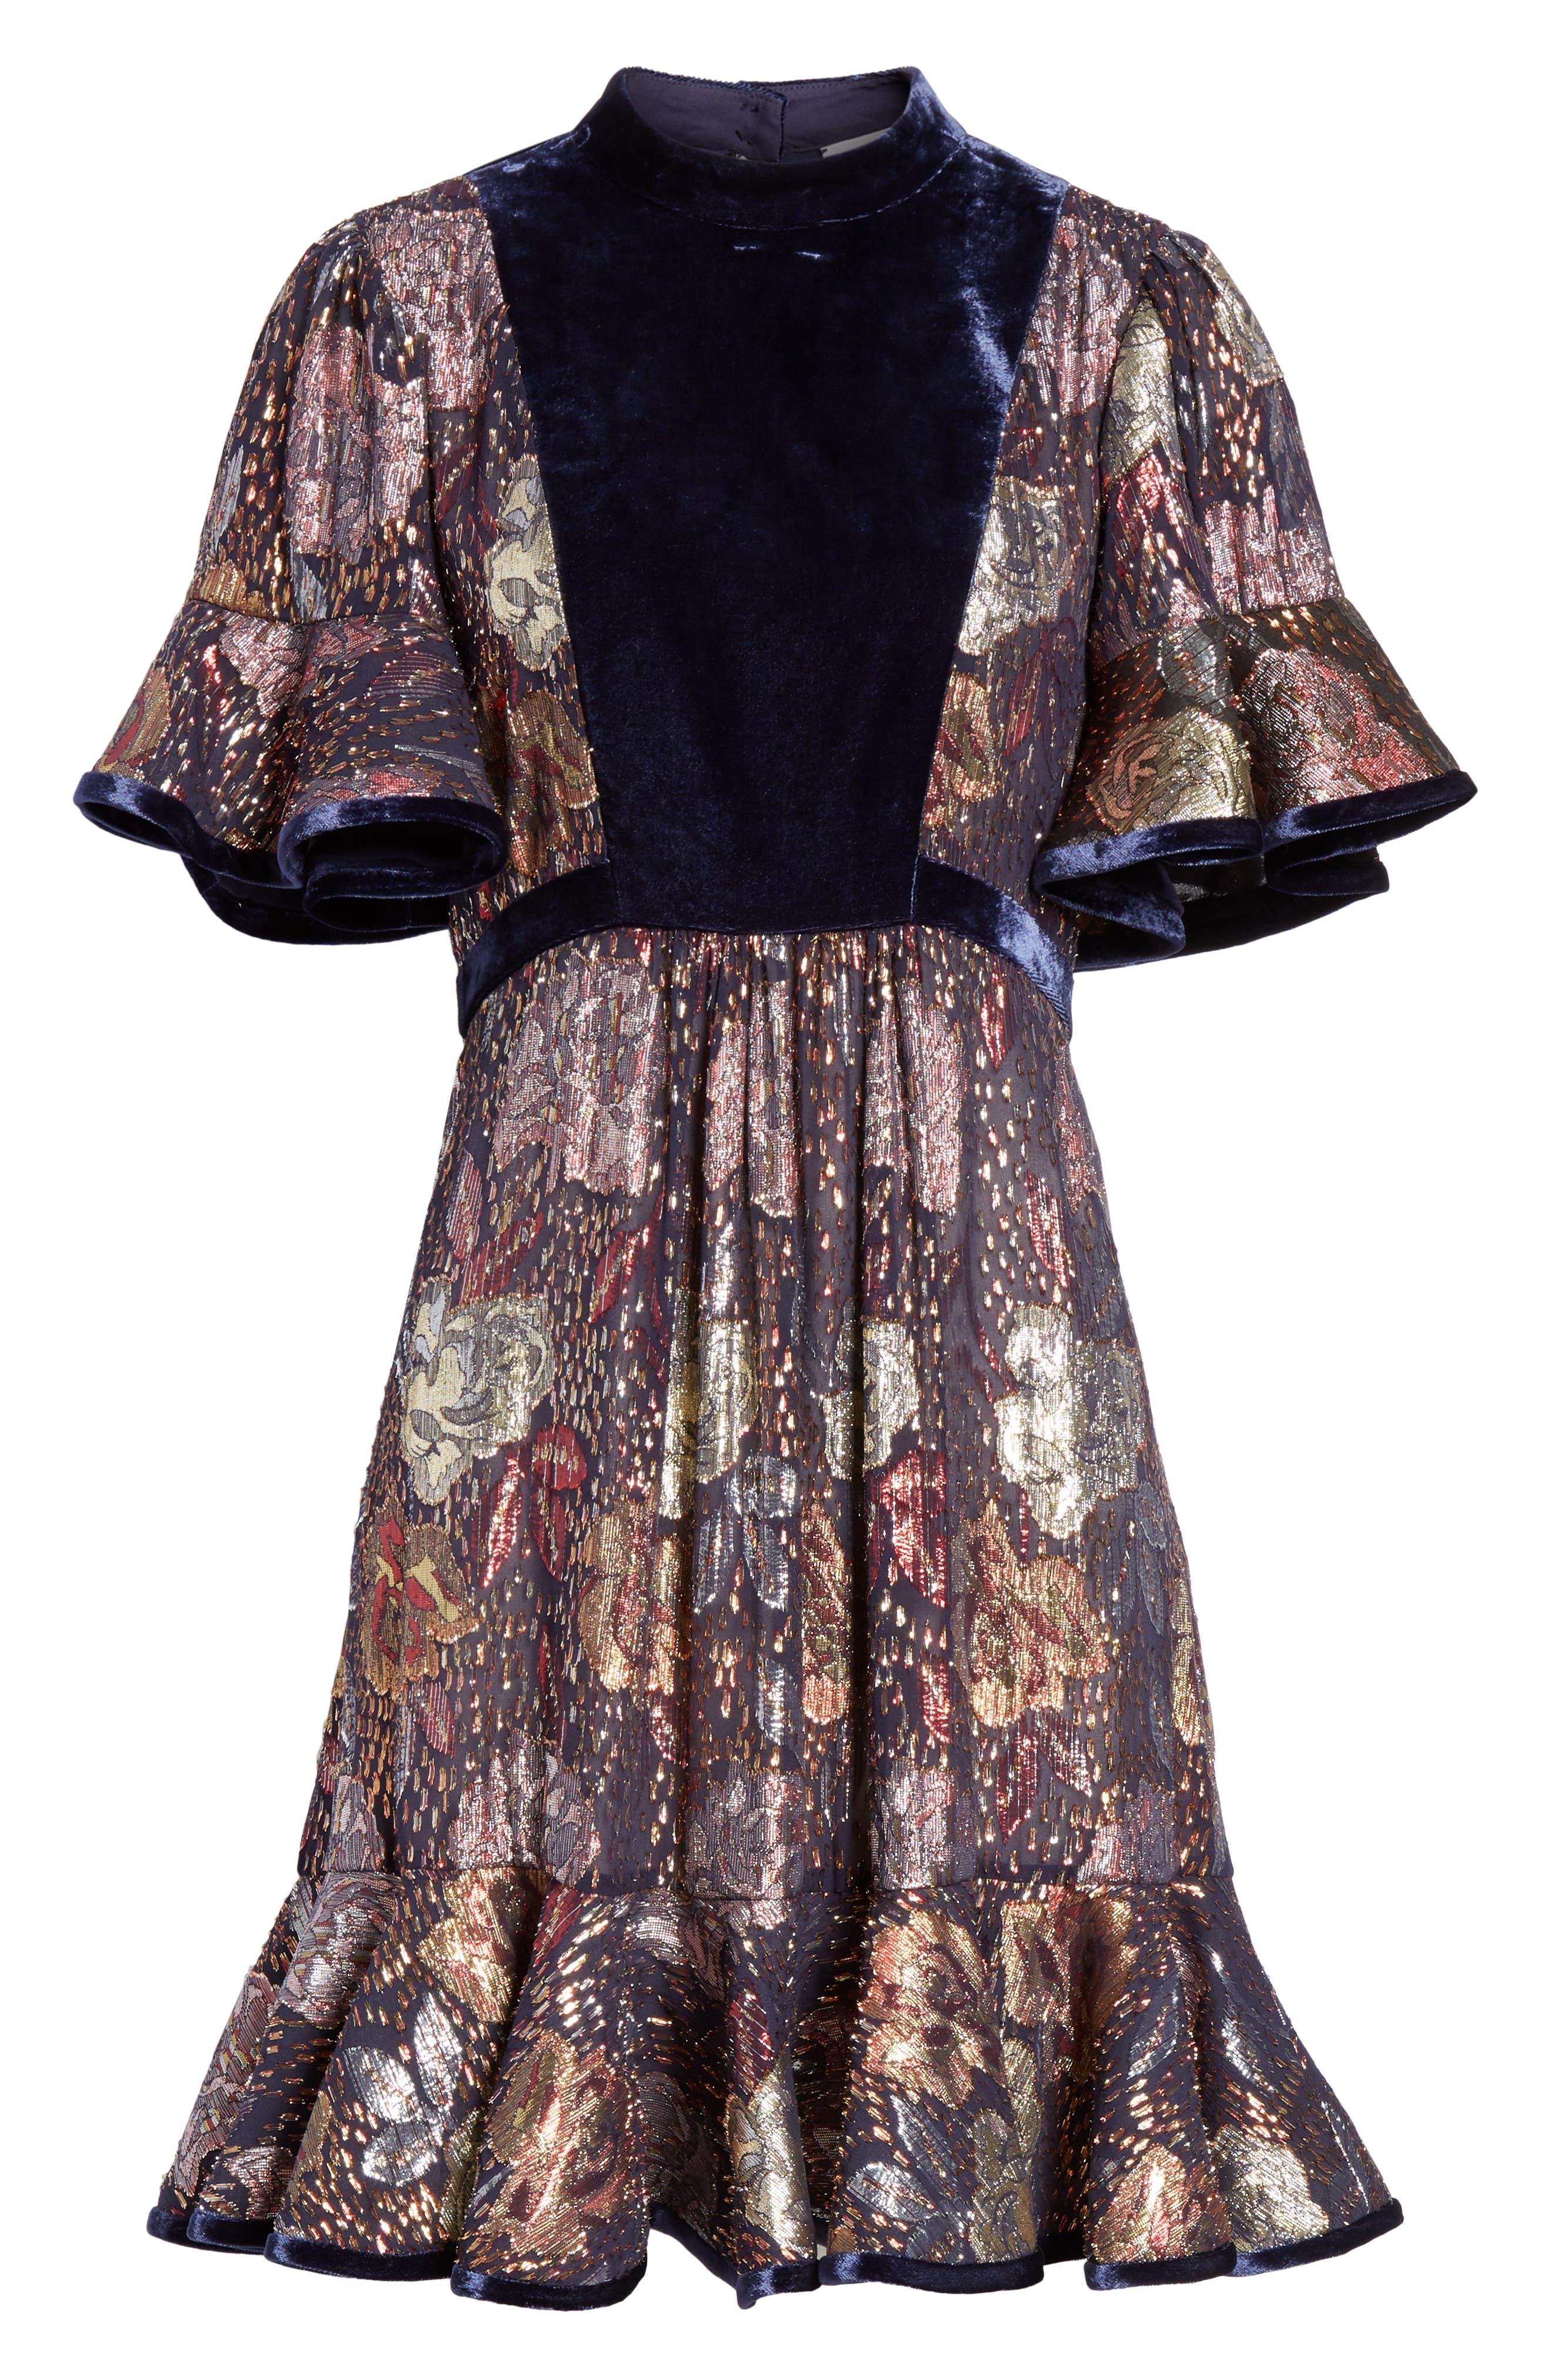 REBECCA TAYLOR,                             Velvet and Metallic Tapestry Dress,                             Alternate thumbnail 6, color,                             500